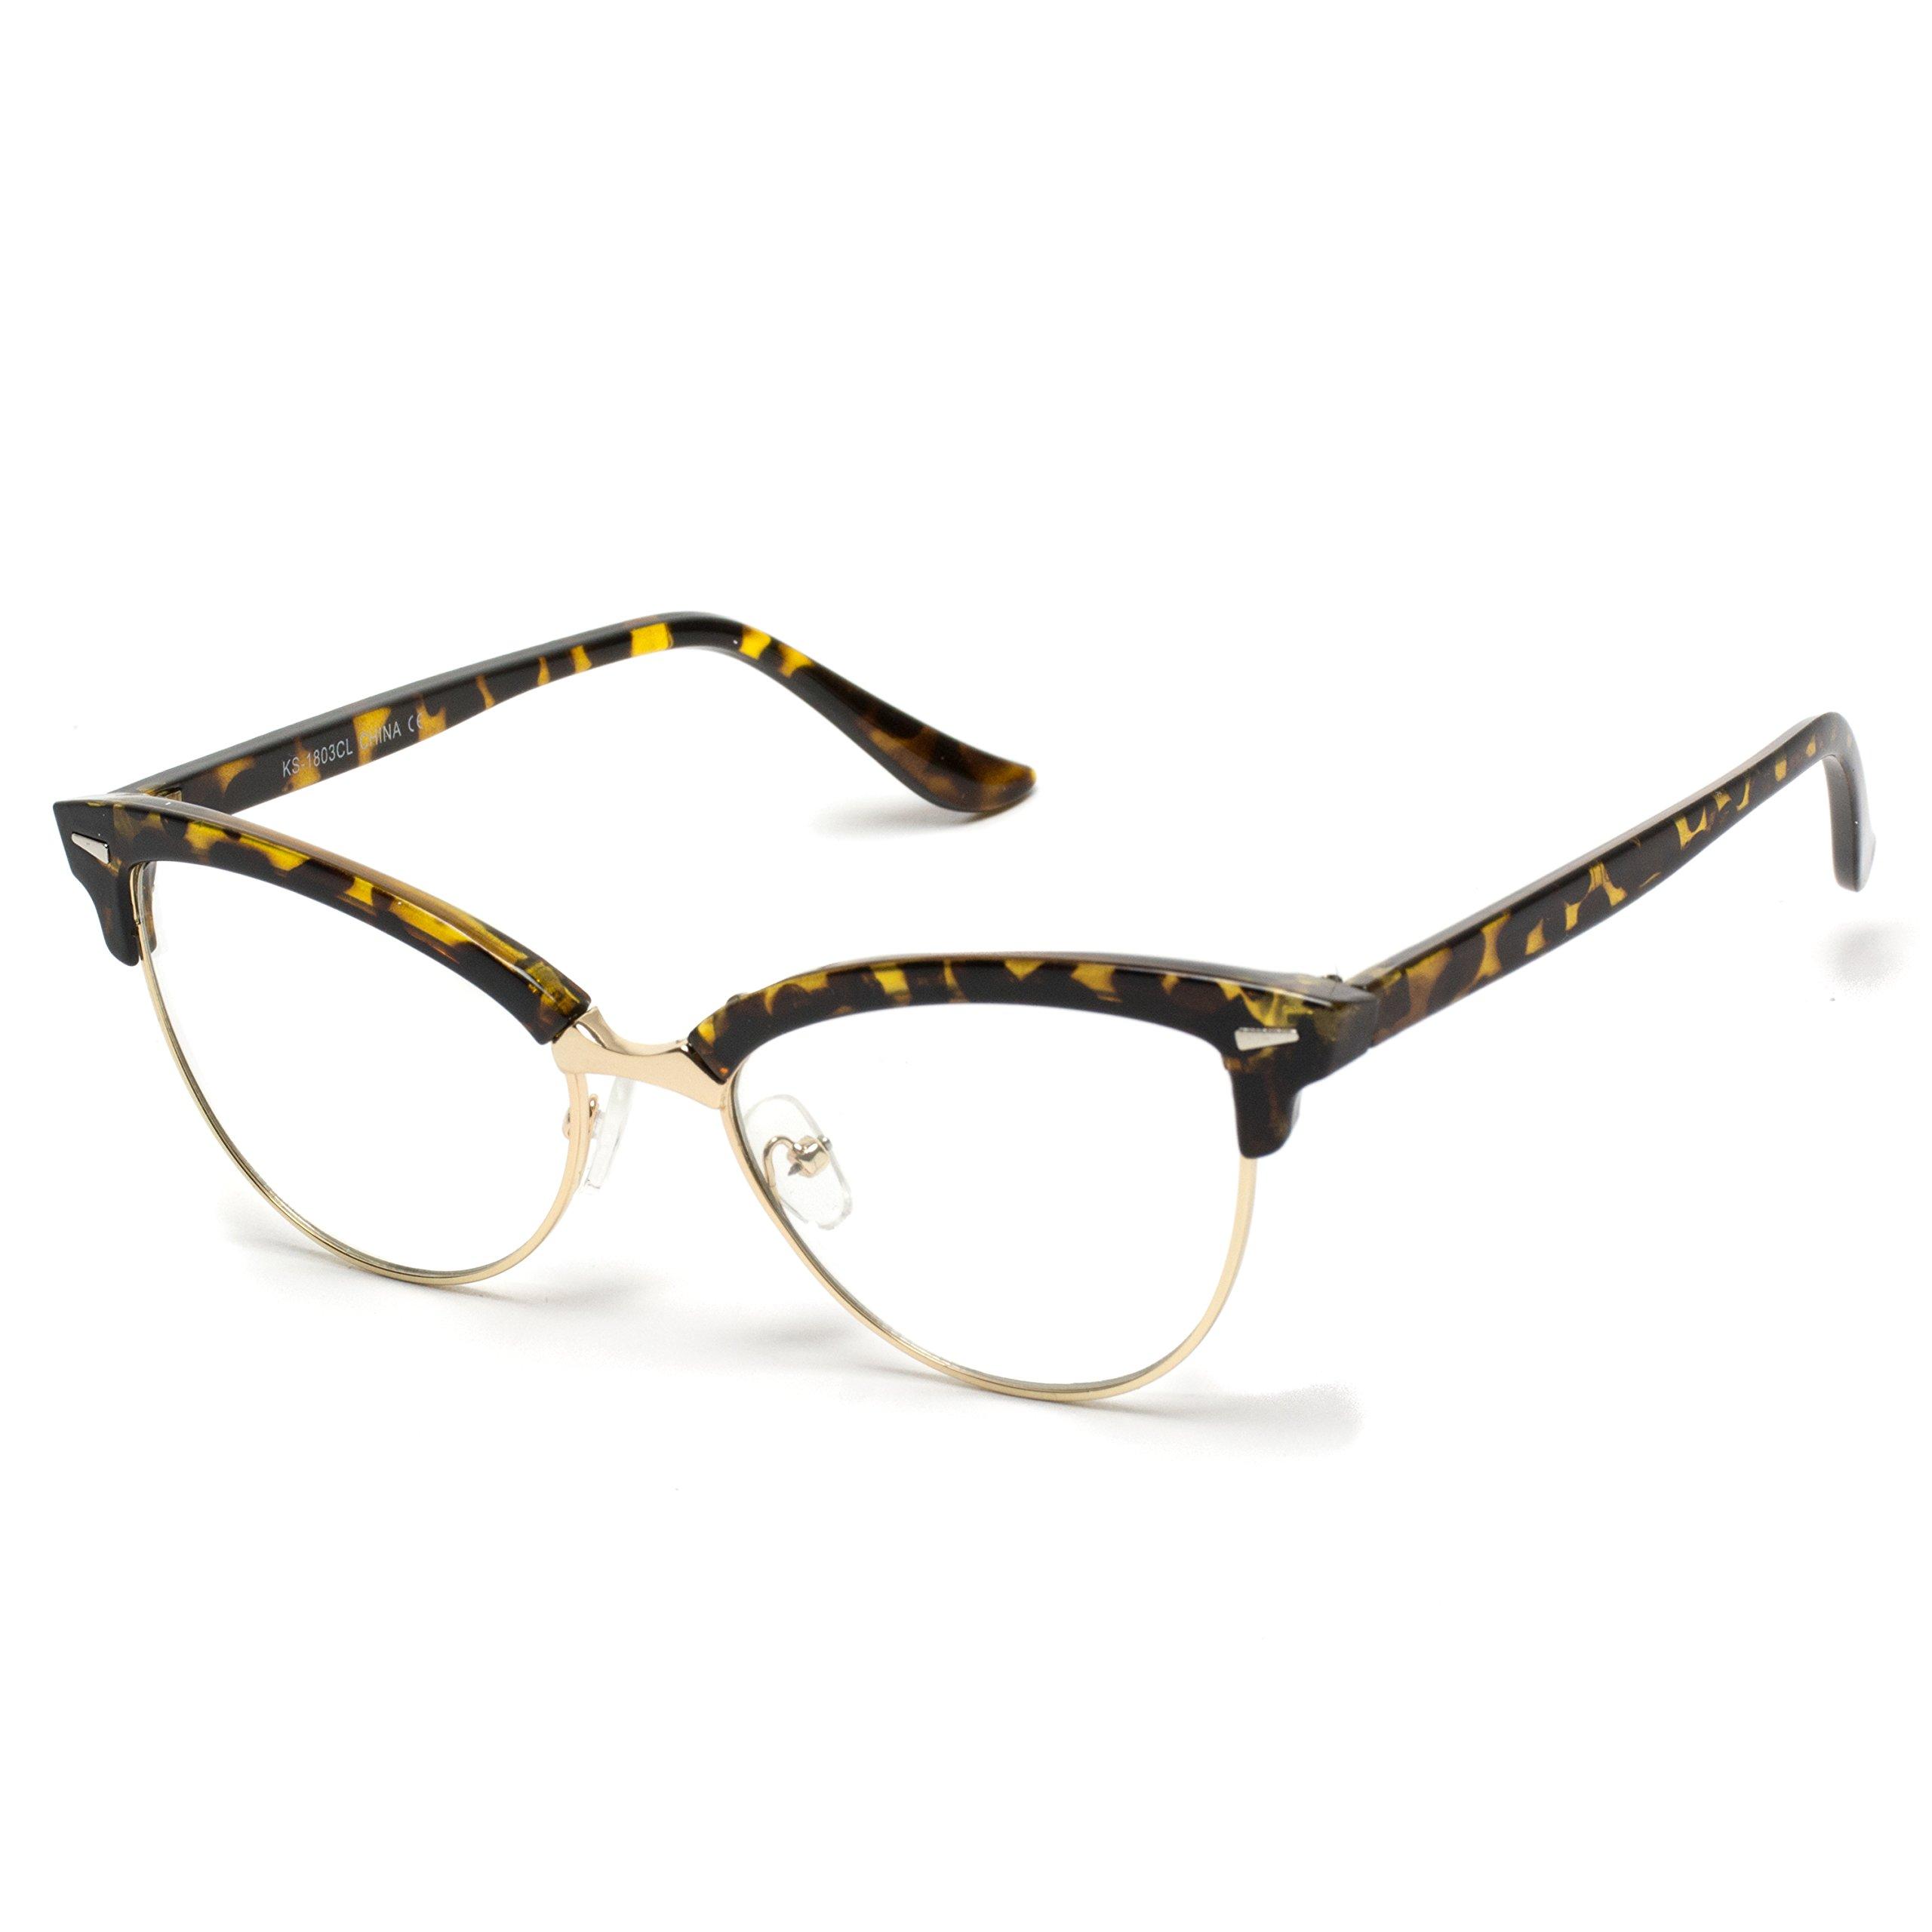 WearMe Pro - New Vintage Retro Semi-Rimless Cat Eye Glasses for Women by WearMe Pro